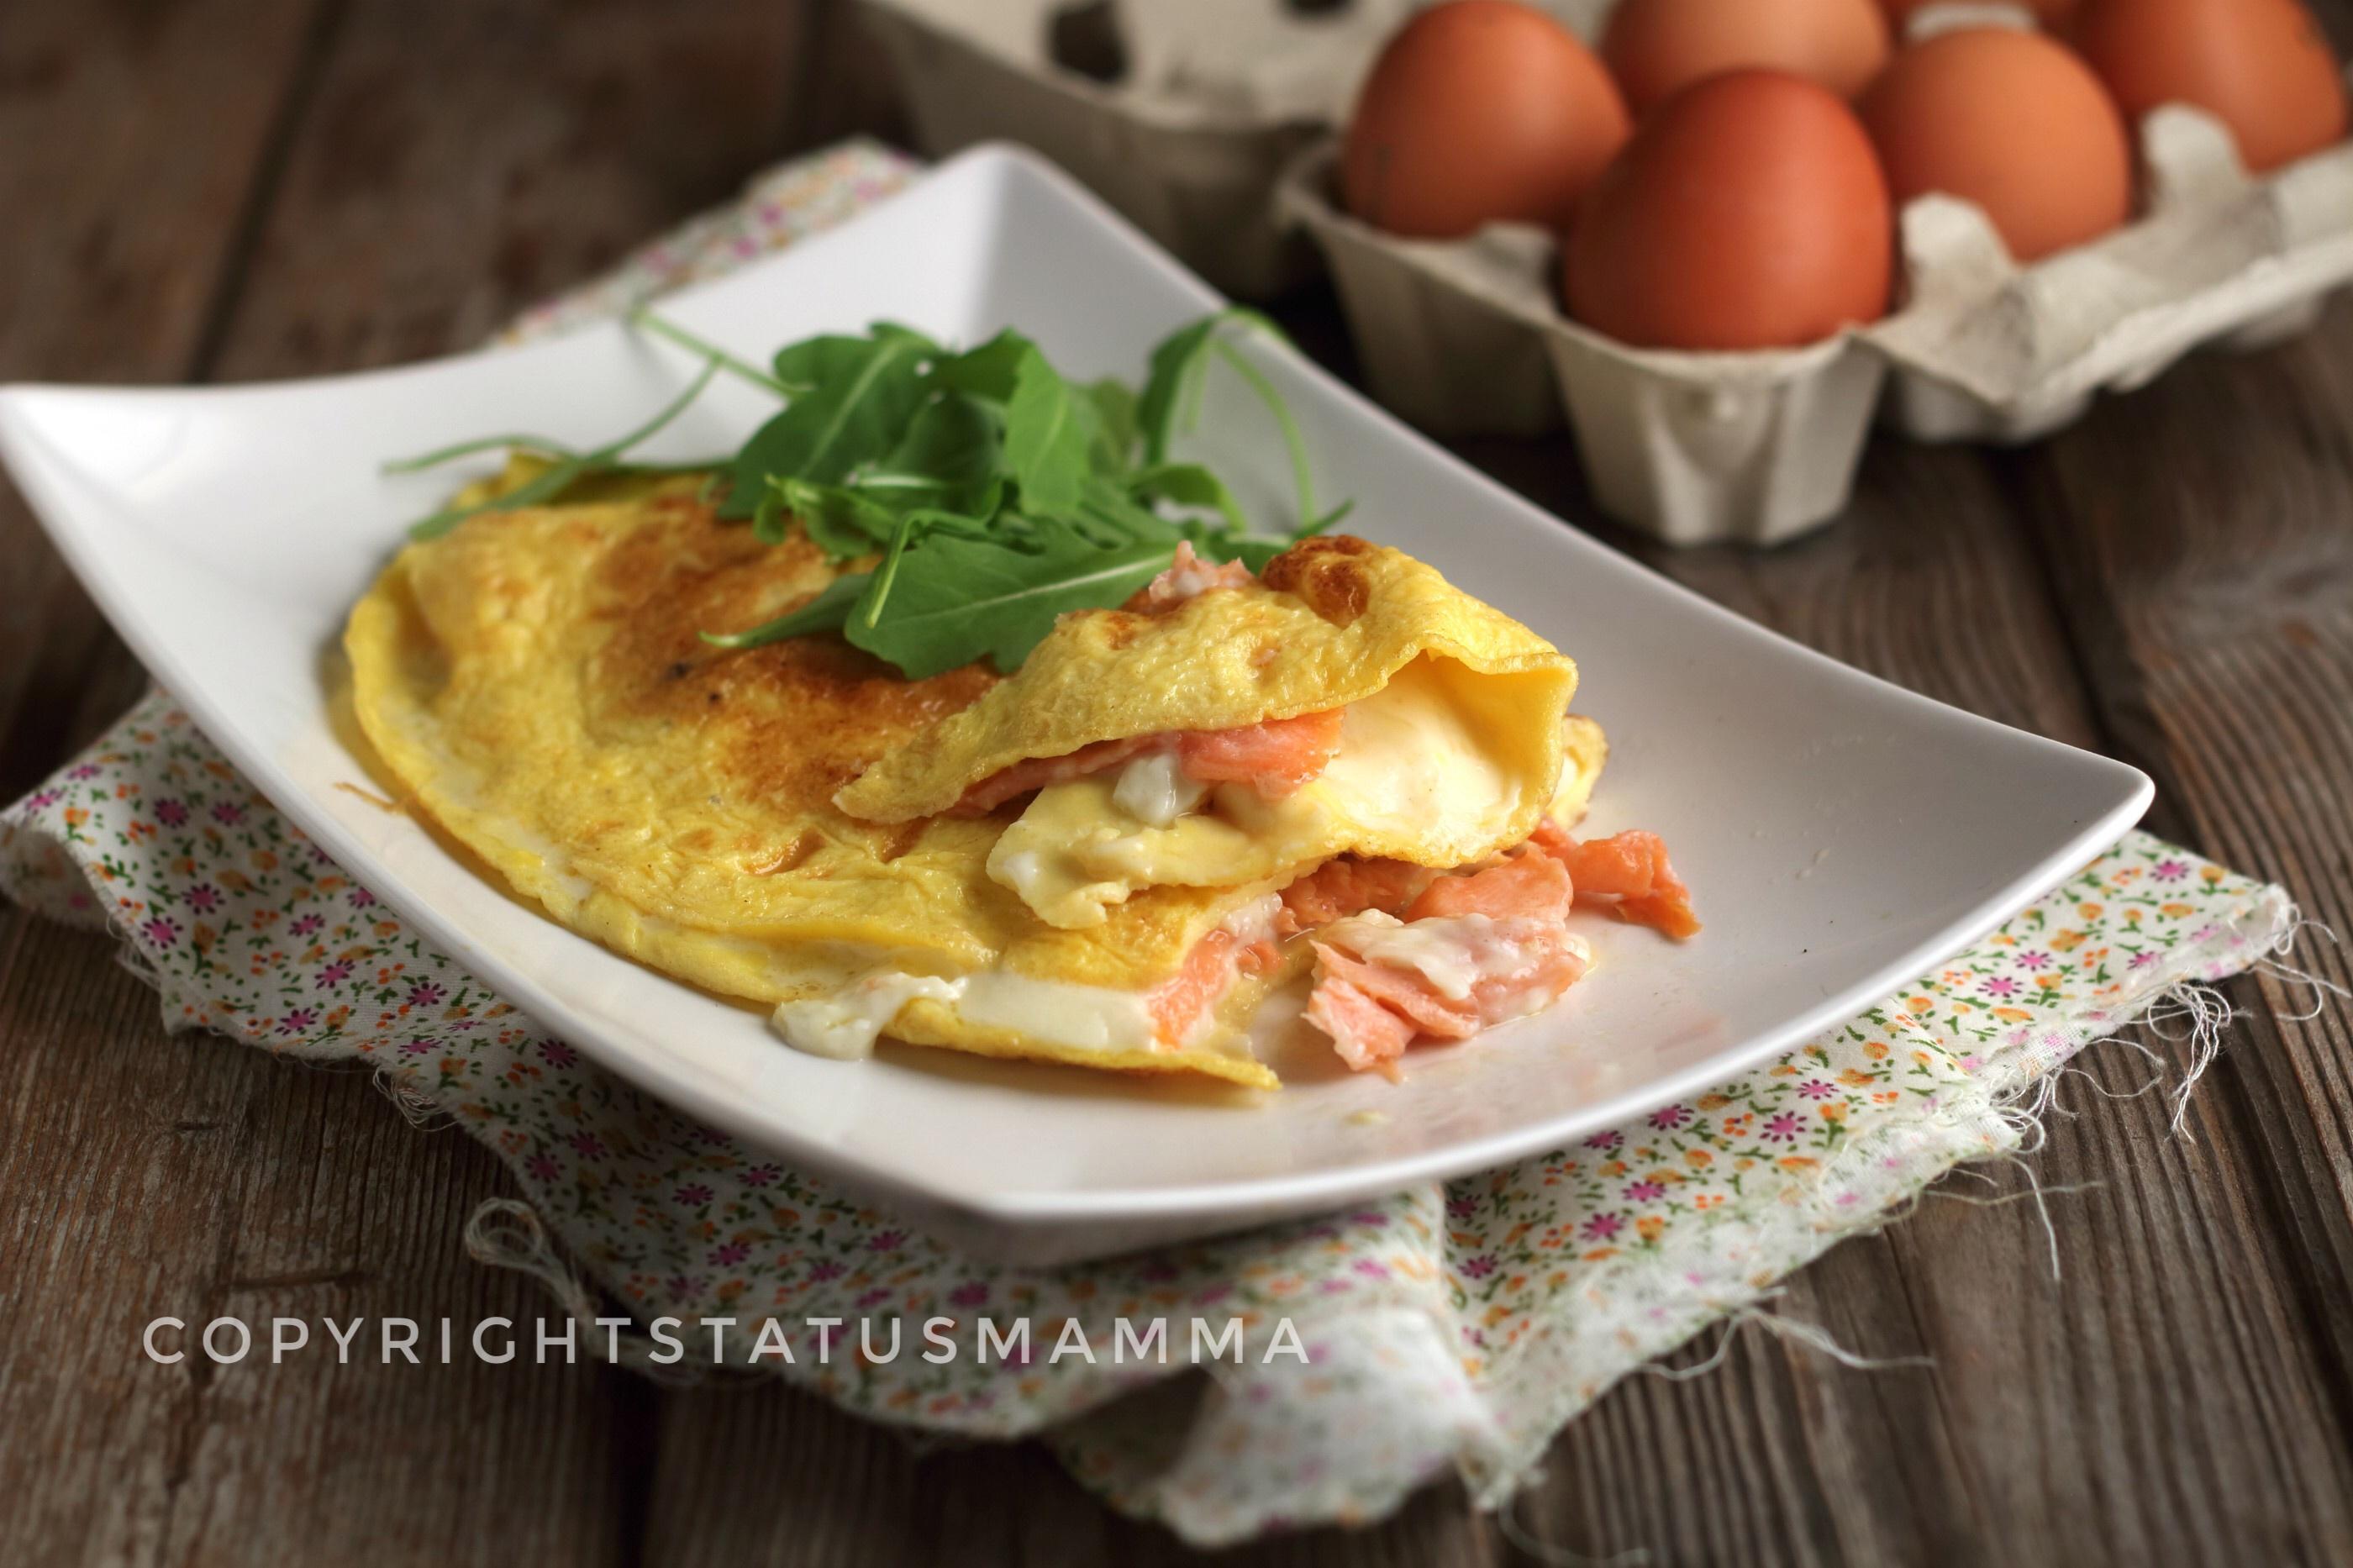 Ricetta Omelette Salmone.Omelette Al Salmone Gustosa Filante Con E Senza Bimby